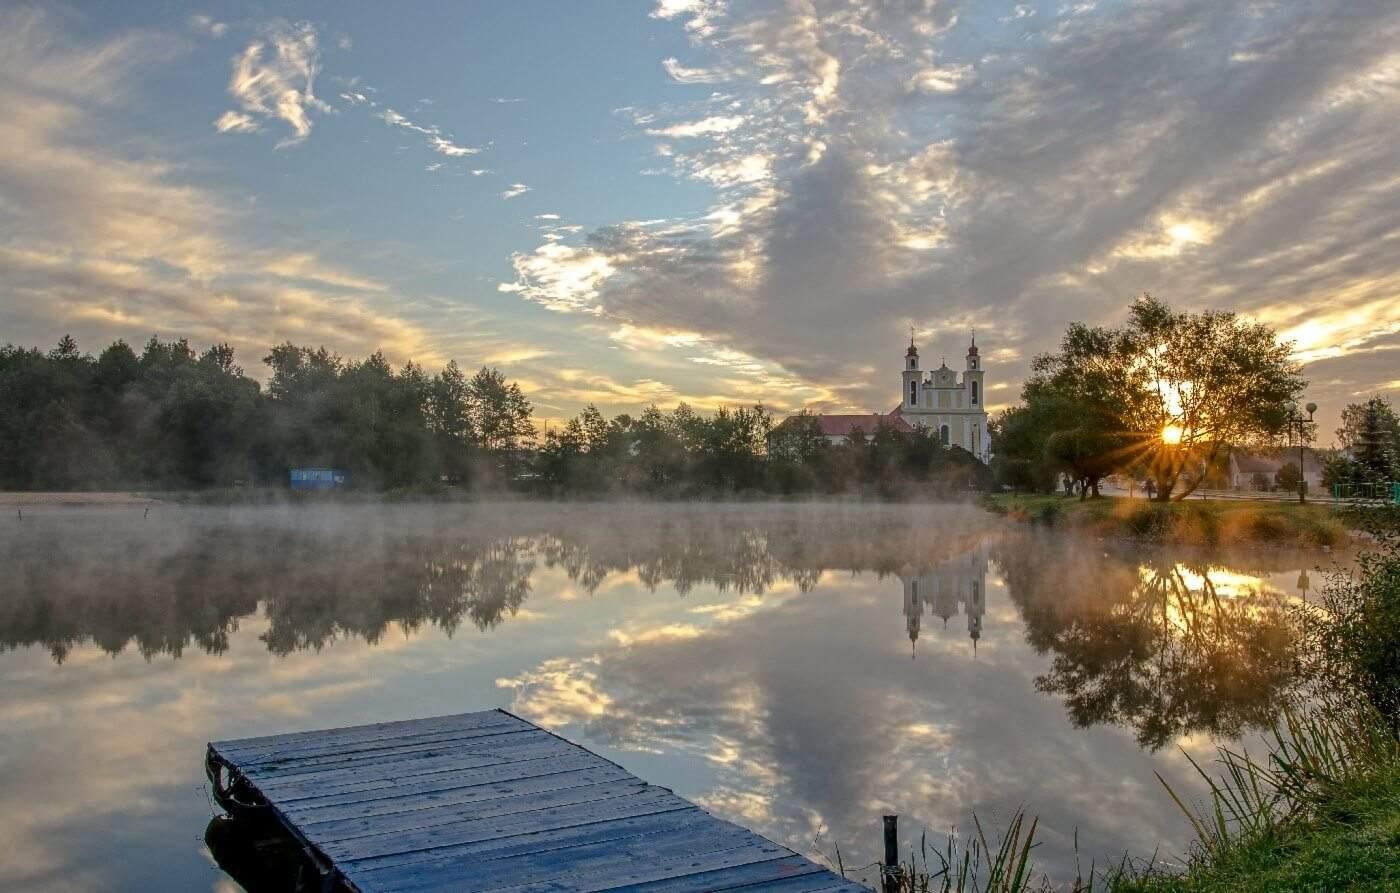 Озеро и церковь в Беларуси